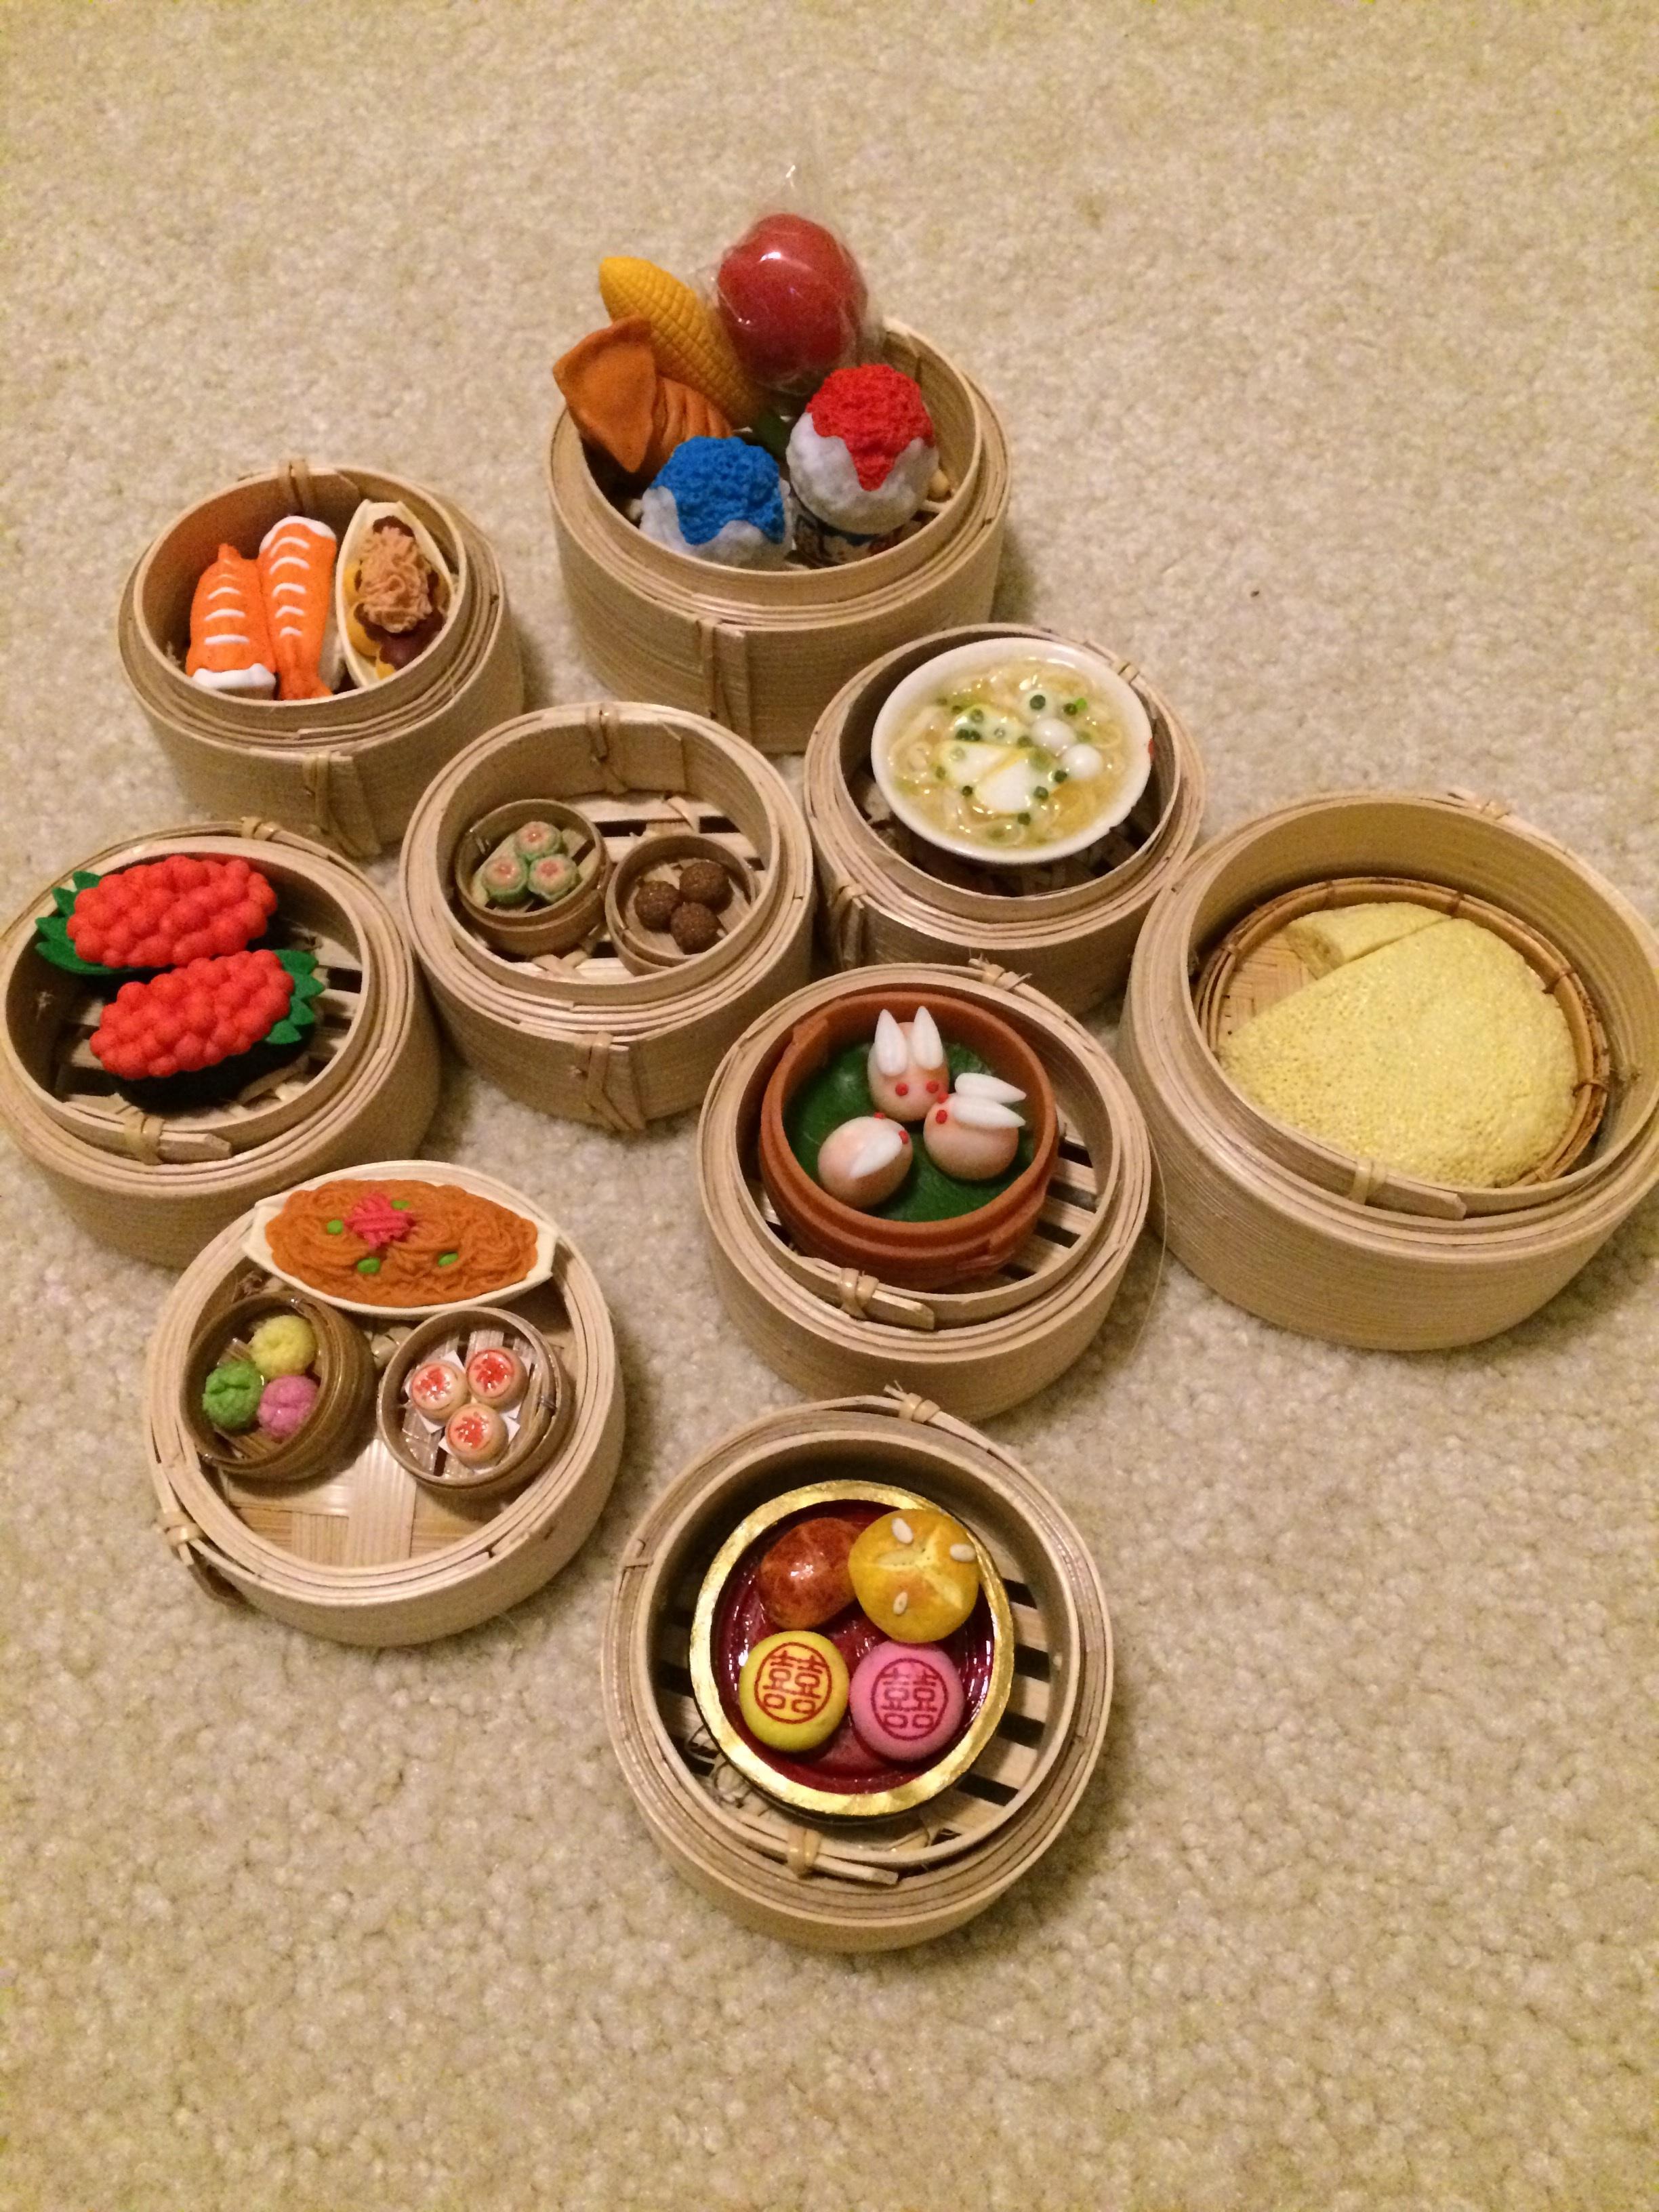 Gifts from Hong Kong